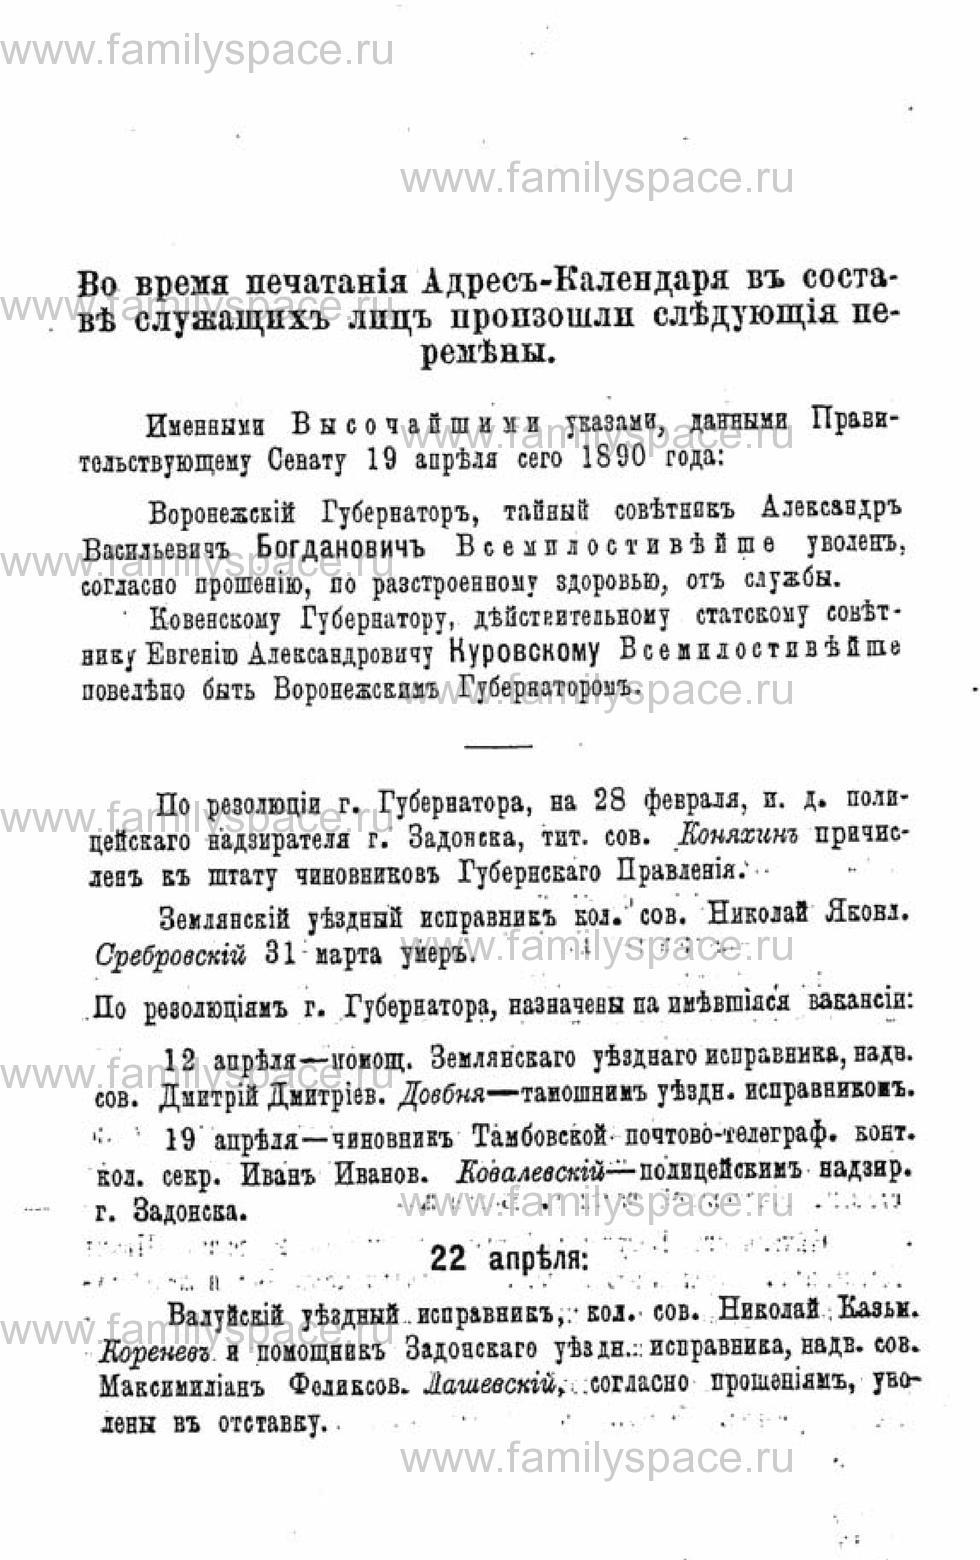 Поиск по фамилии - Адрес-календарь лиц, служащих в Воронежской губернии на 1890 год, страница 1